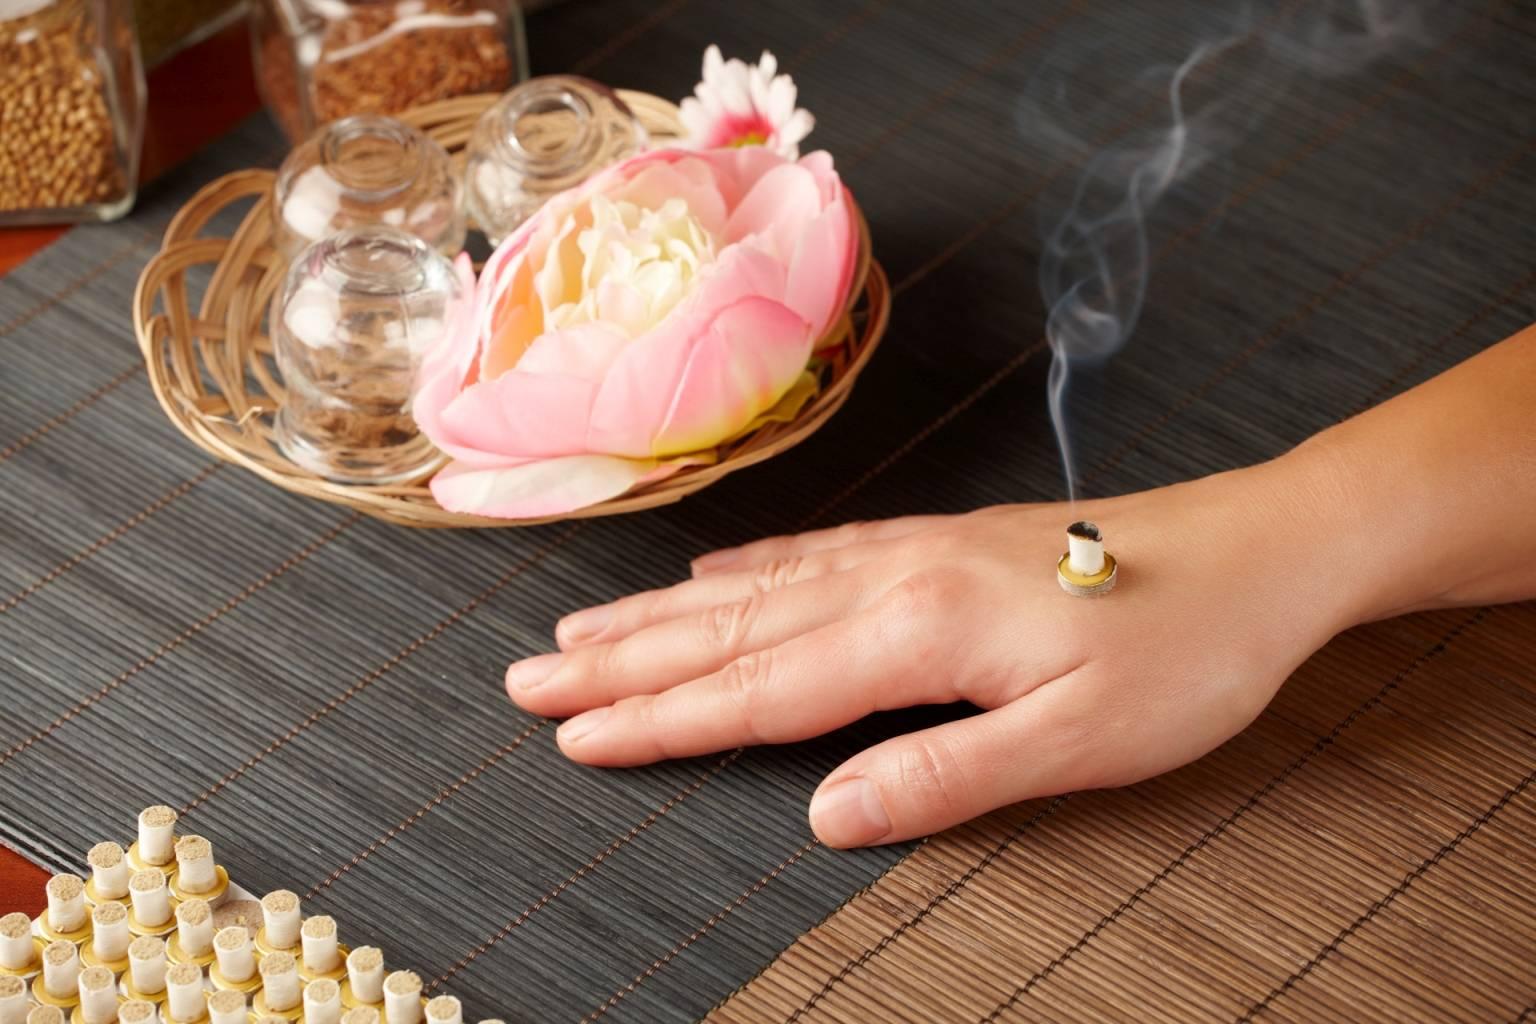 Moksowanie w medycynie chińskiej - na czym polega moksa, jakie są jej rodzaje i jak ją stosować np. na dłoni?